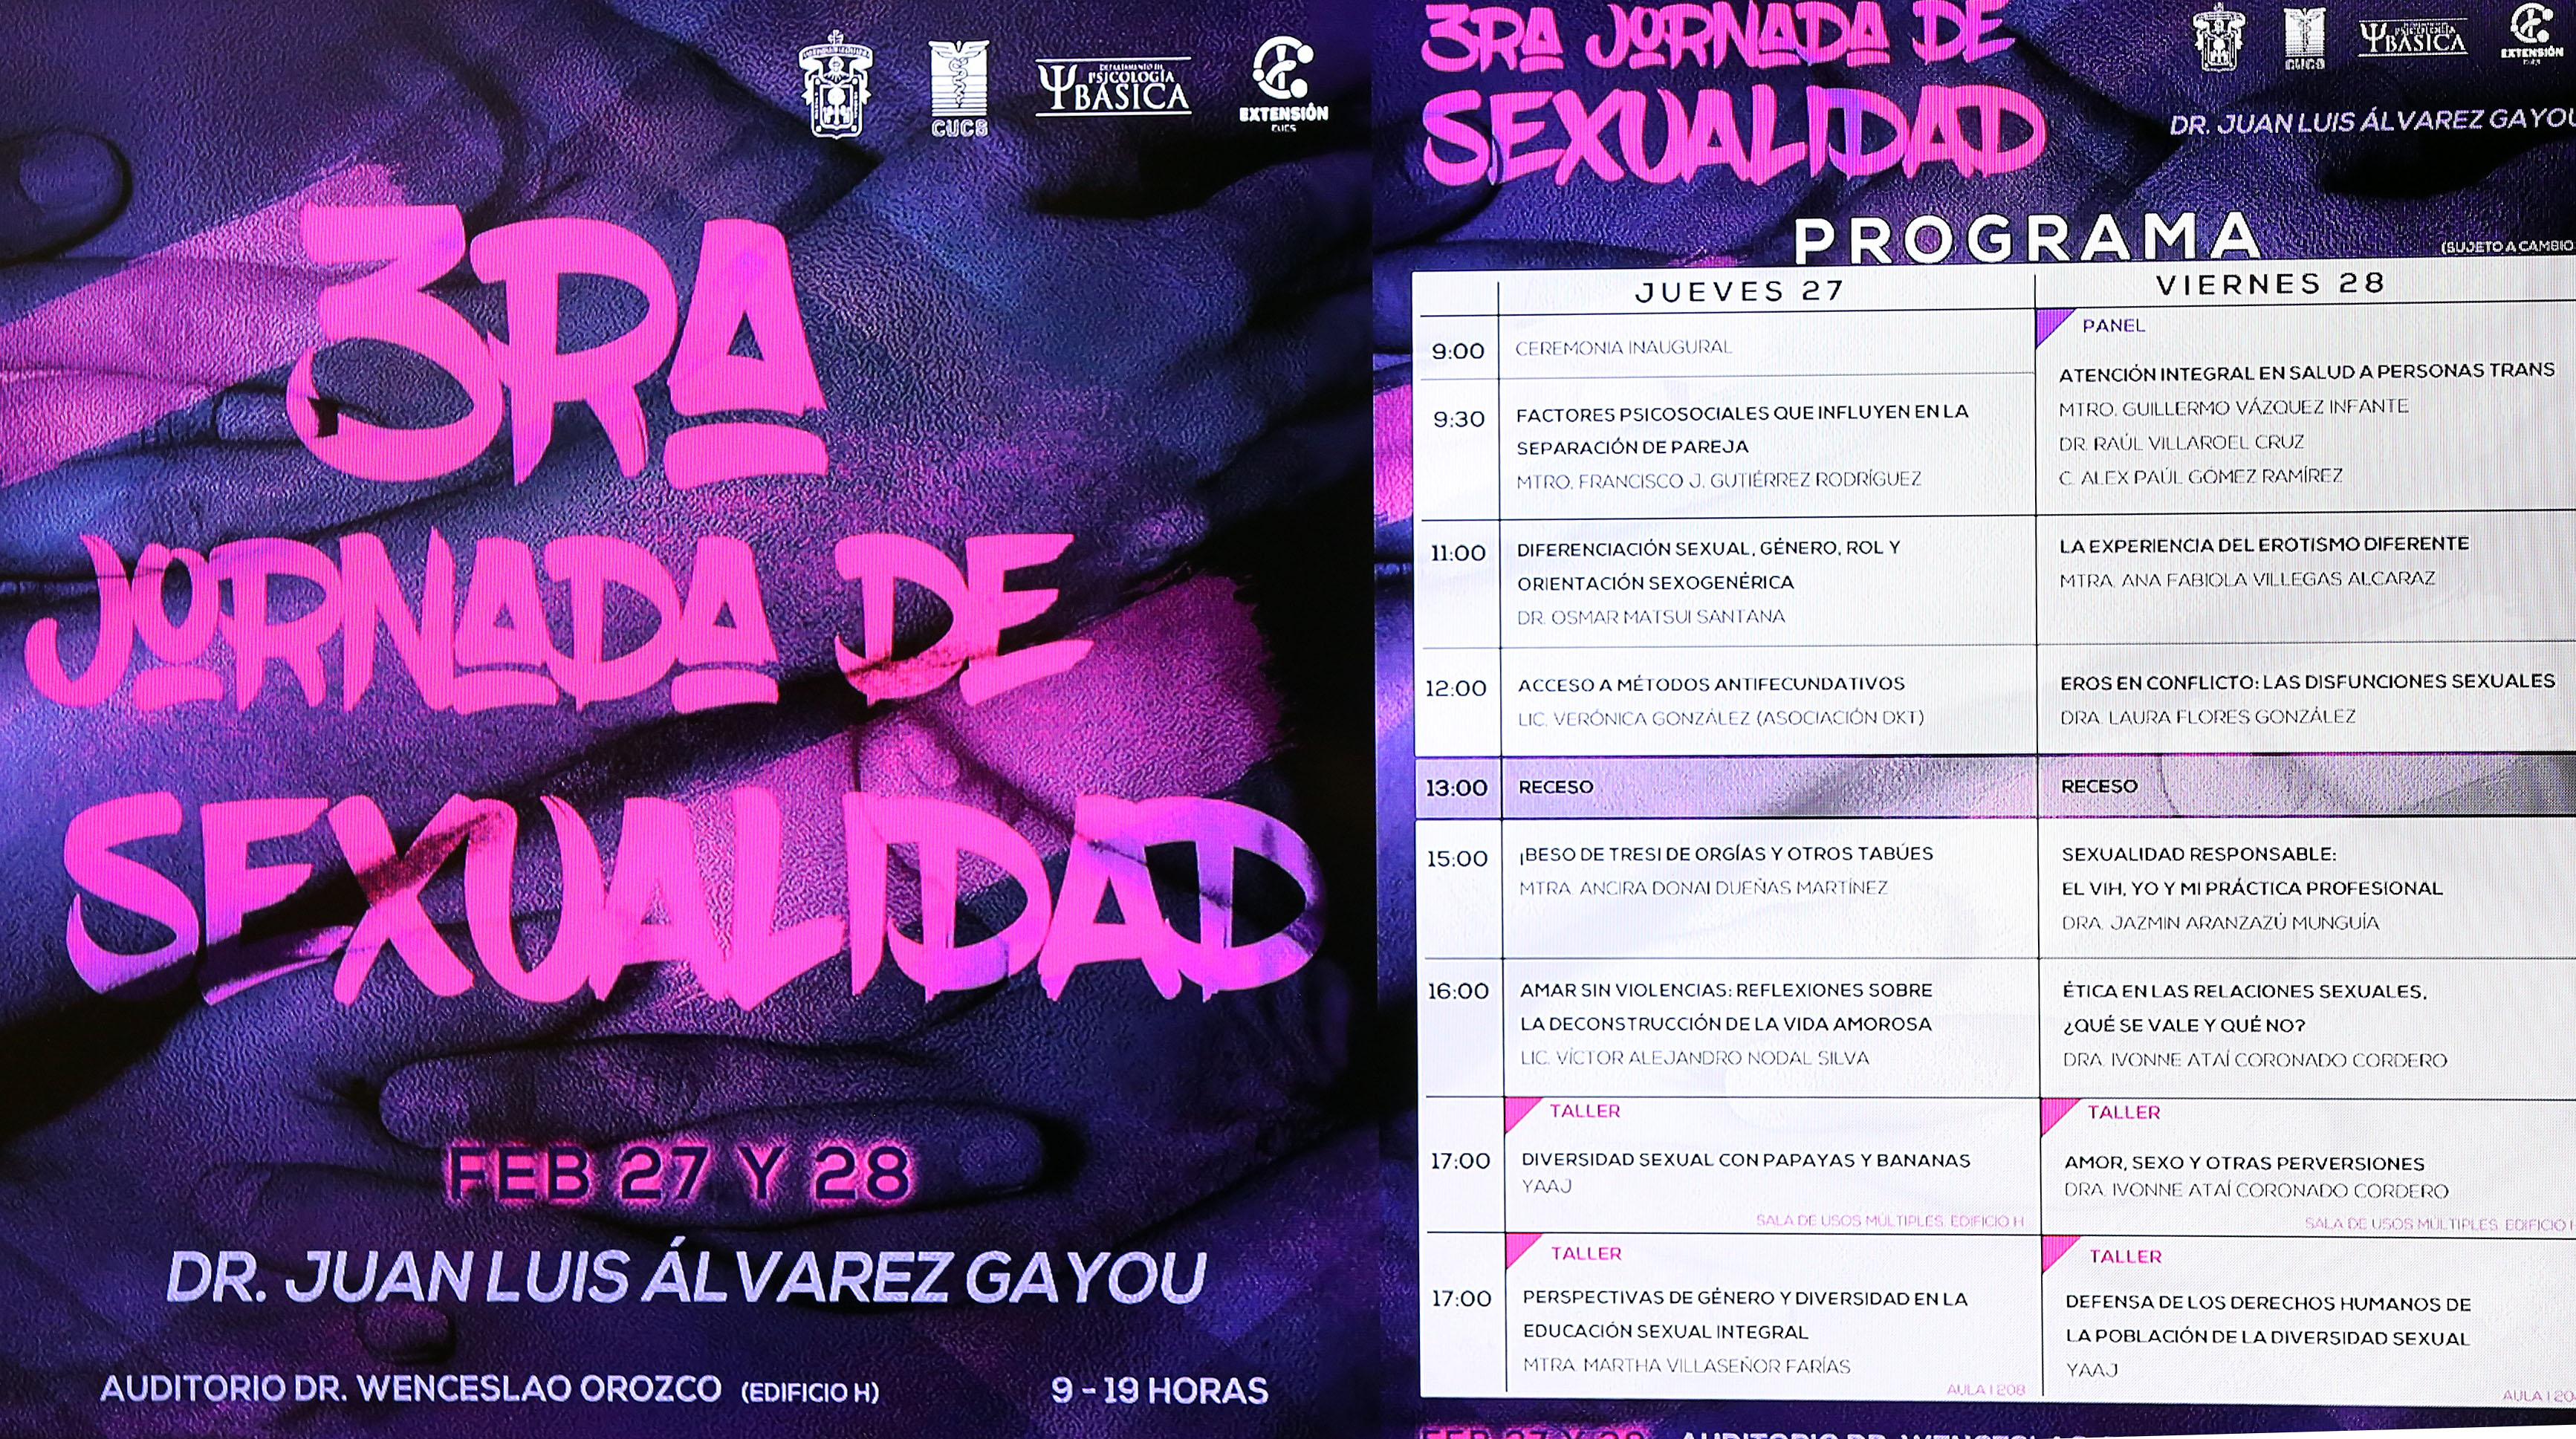 Cartel y programa de la 3ra. Jornada de Sexualidad